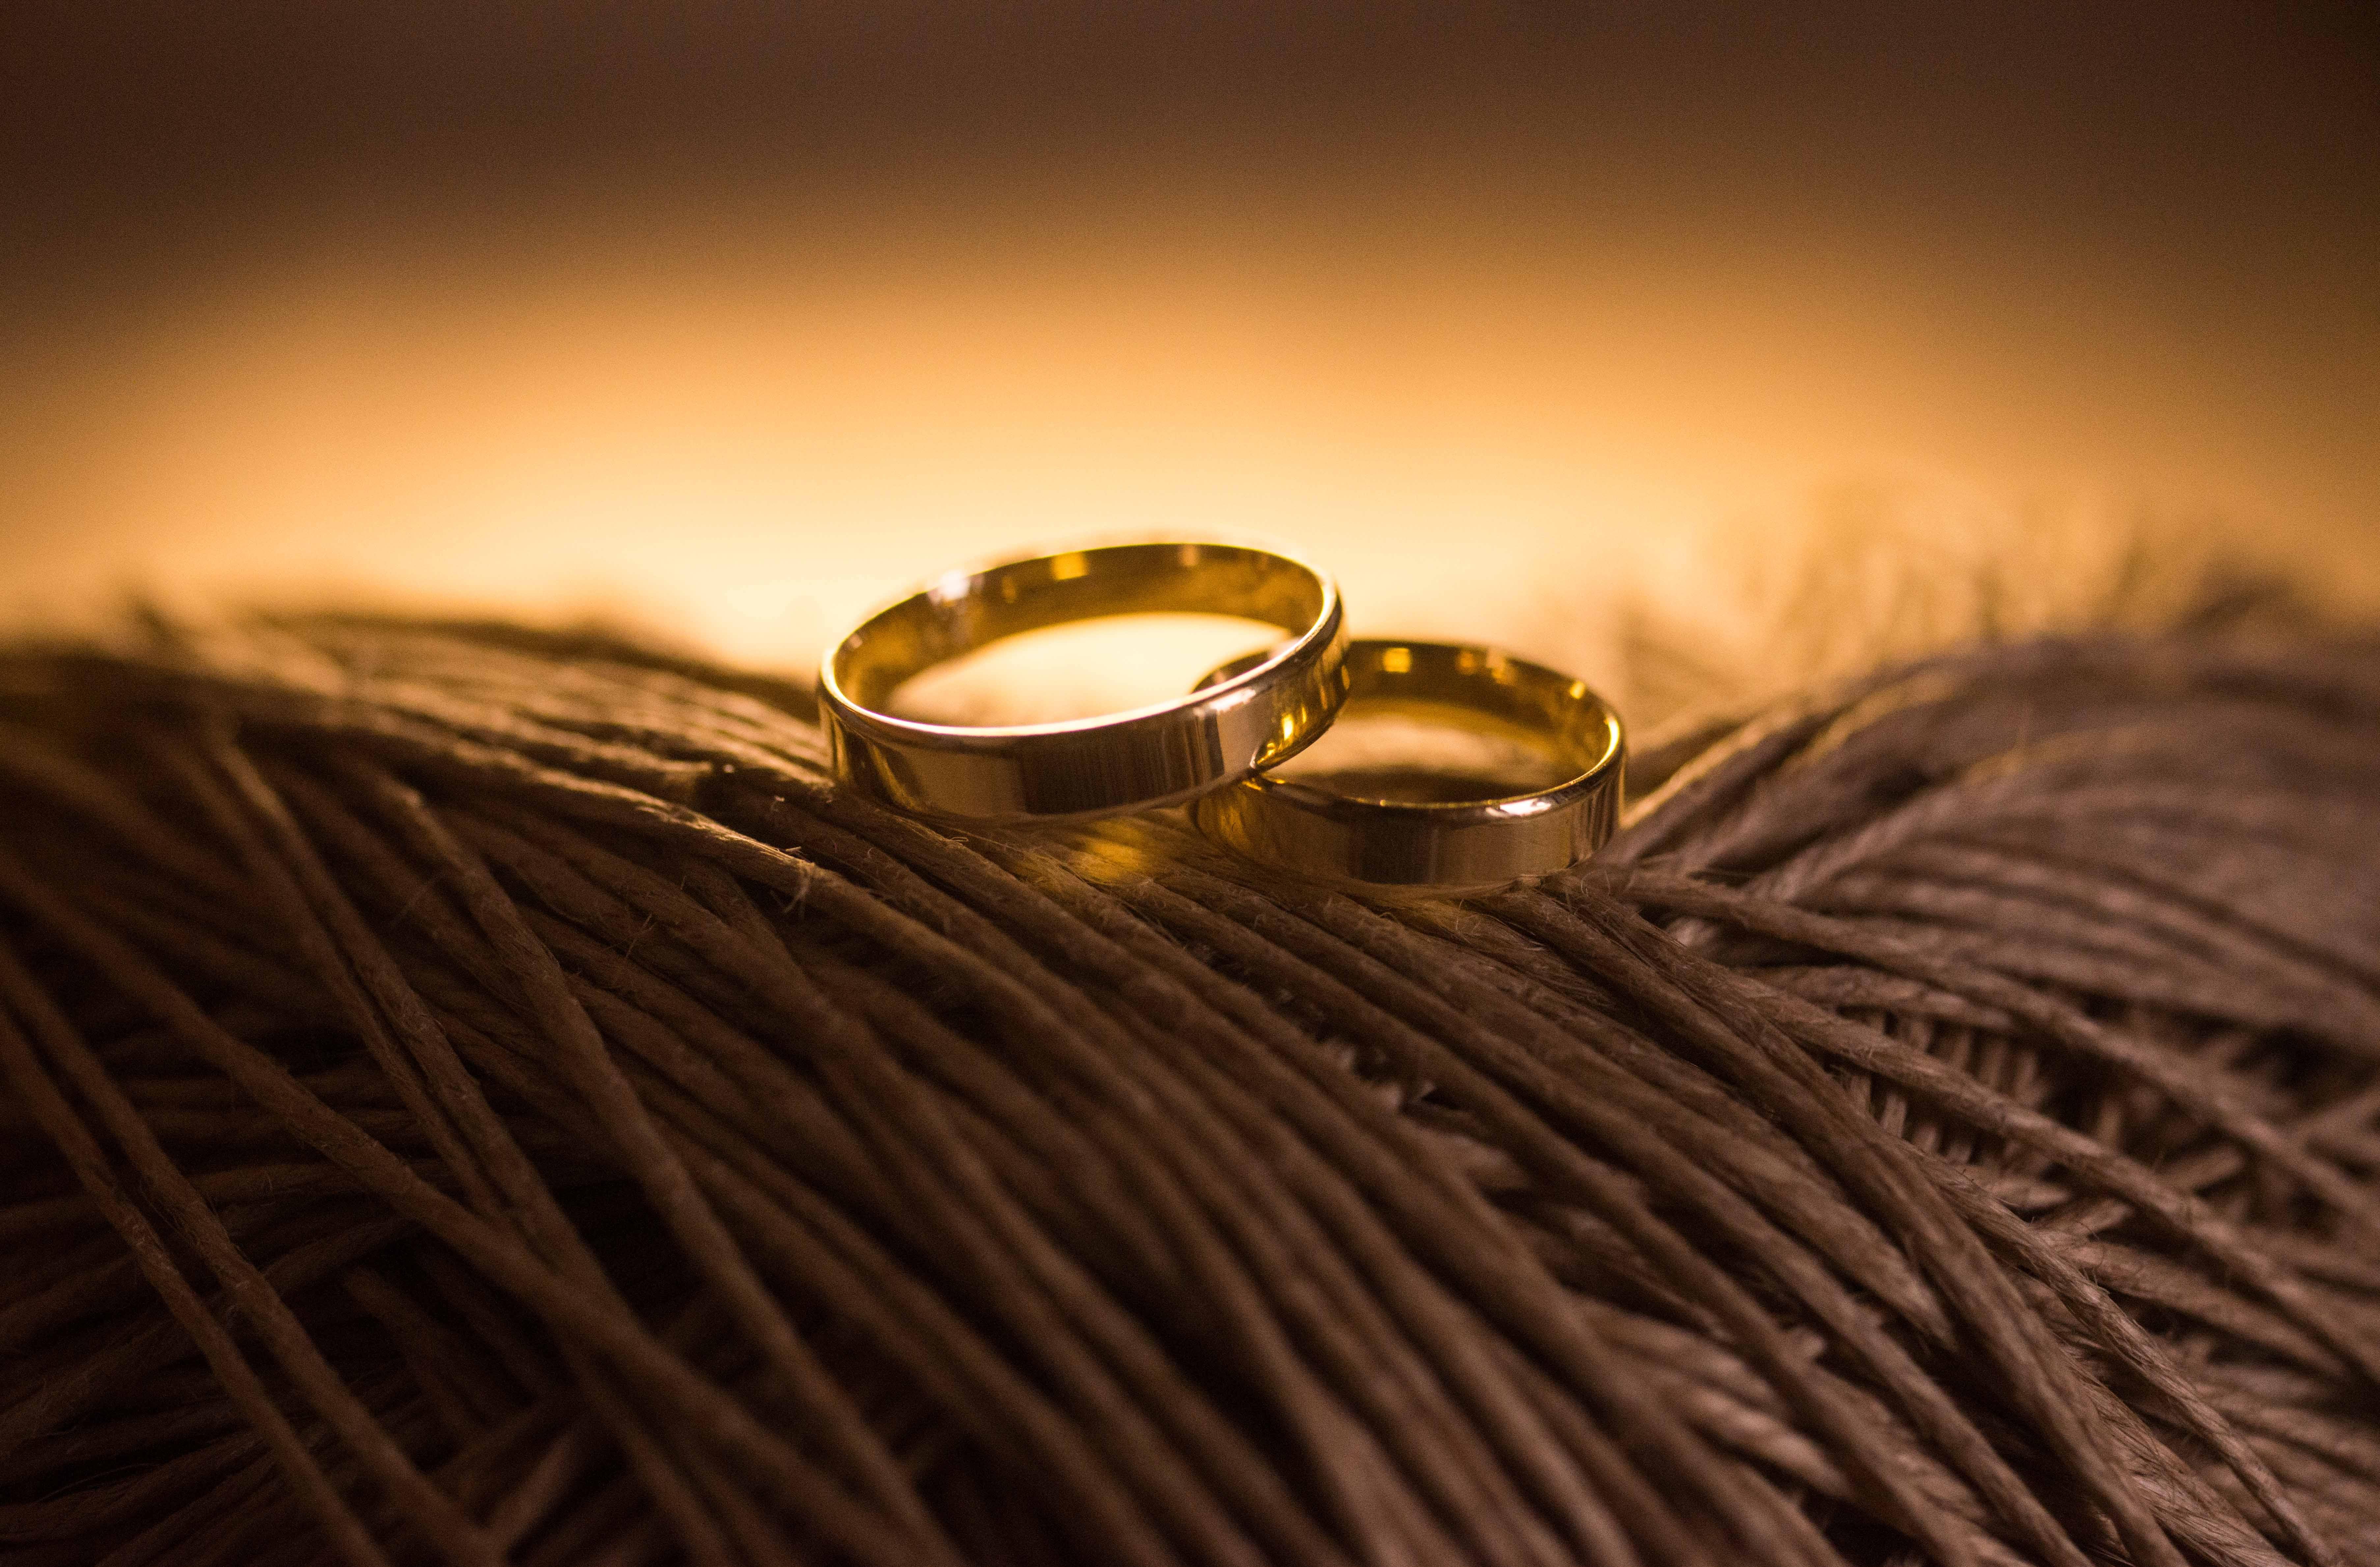 Contate Rodrigo Morselli - Fotógrafo de casamentos